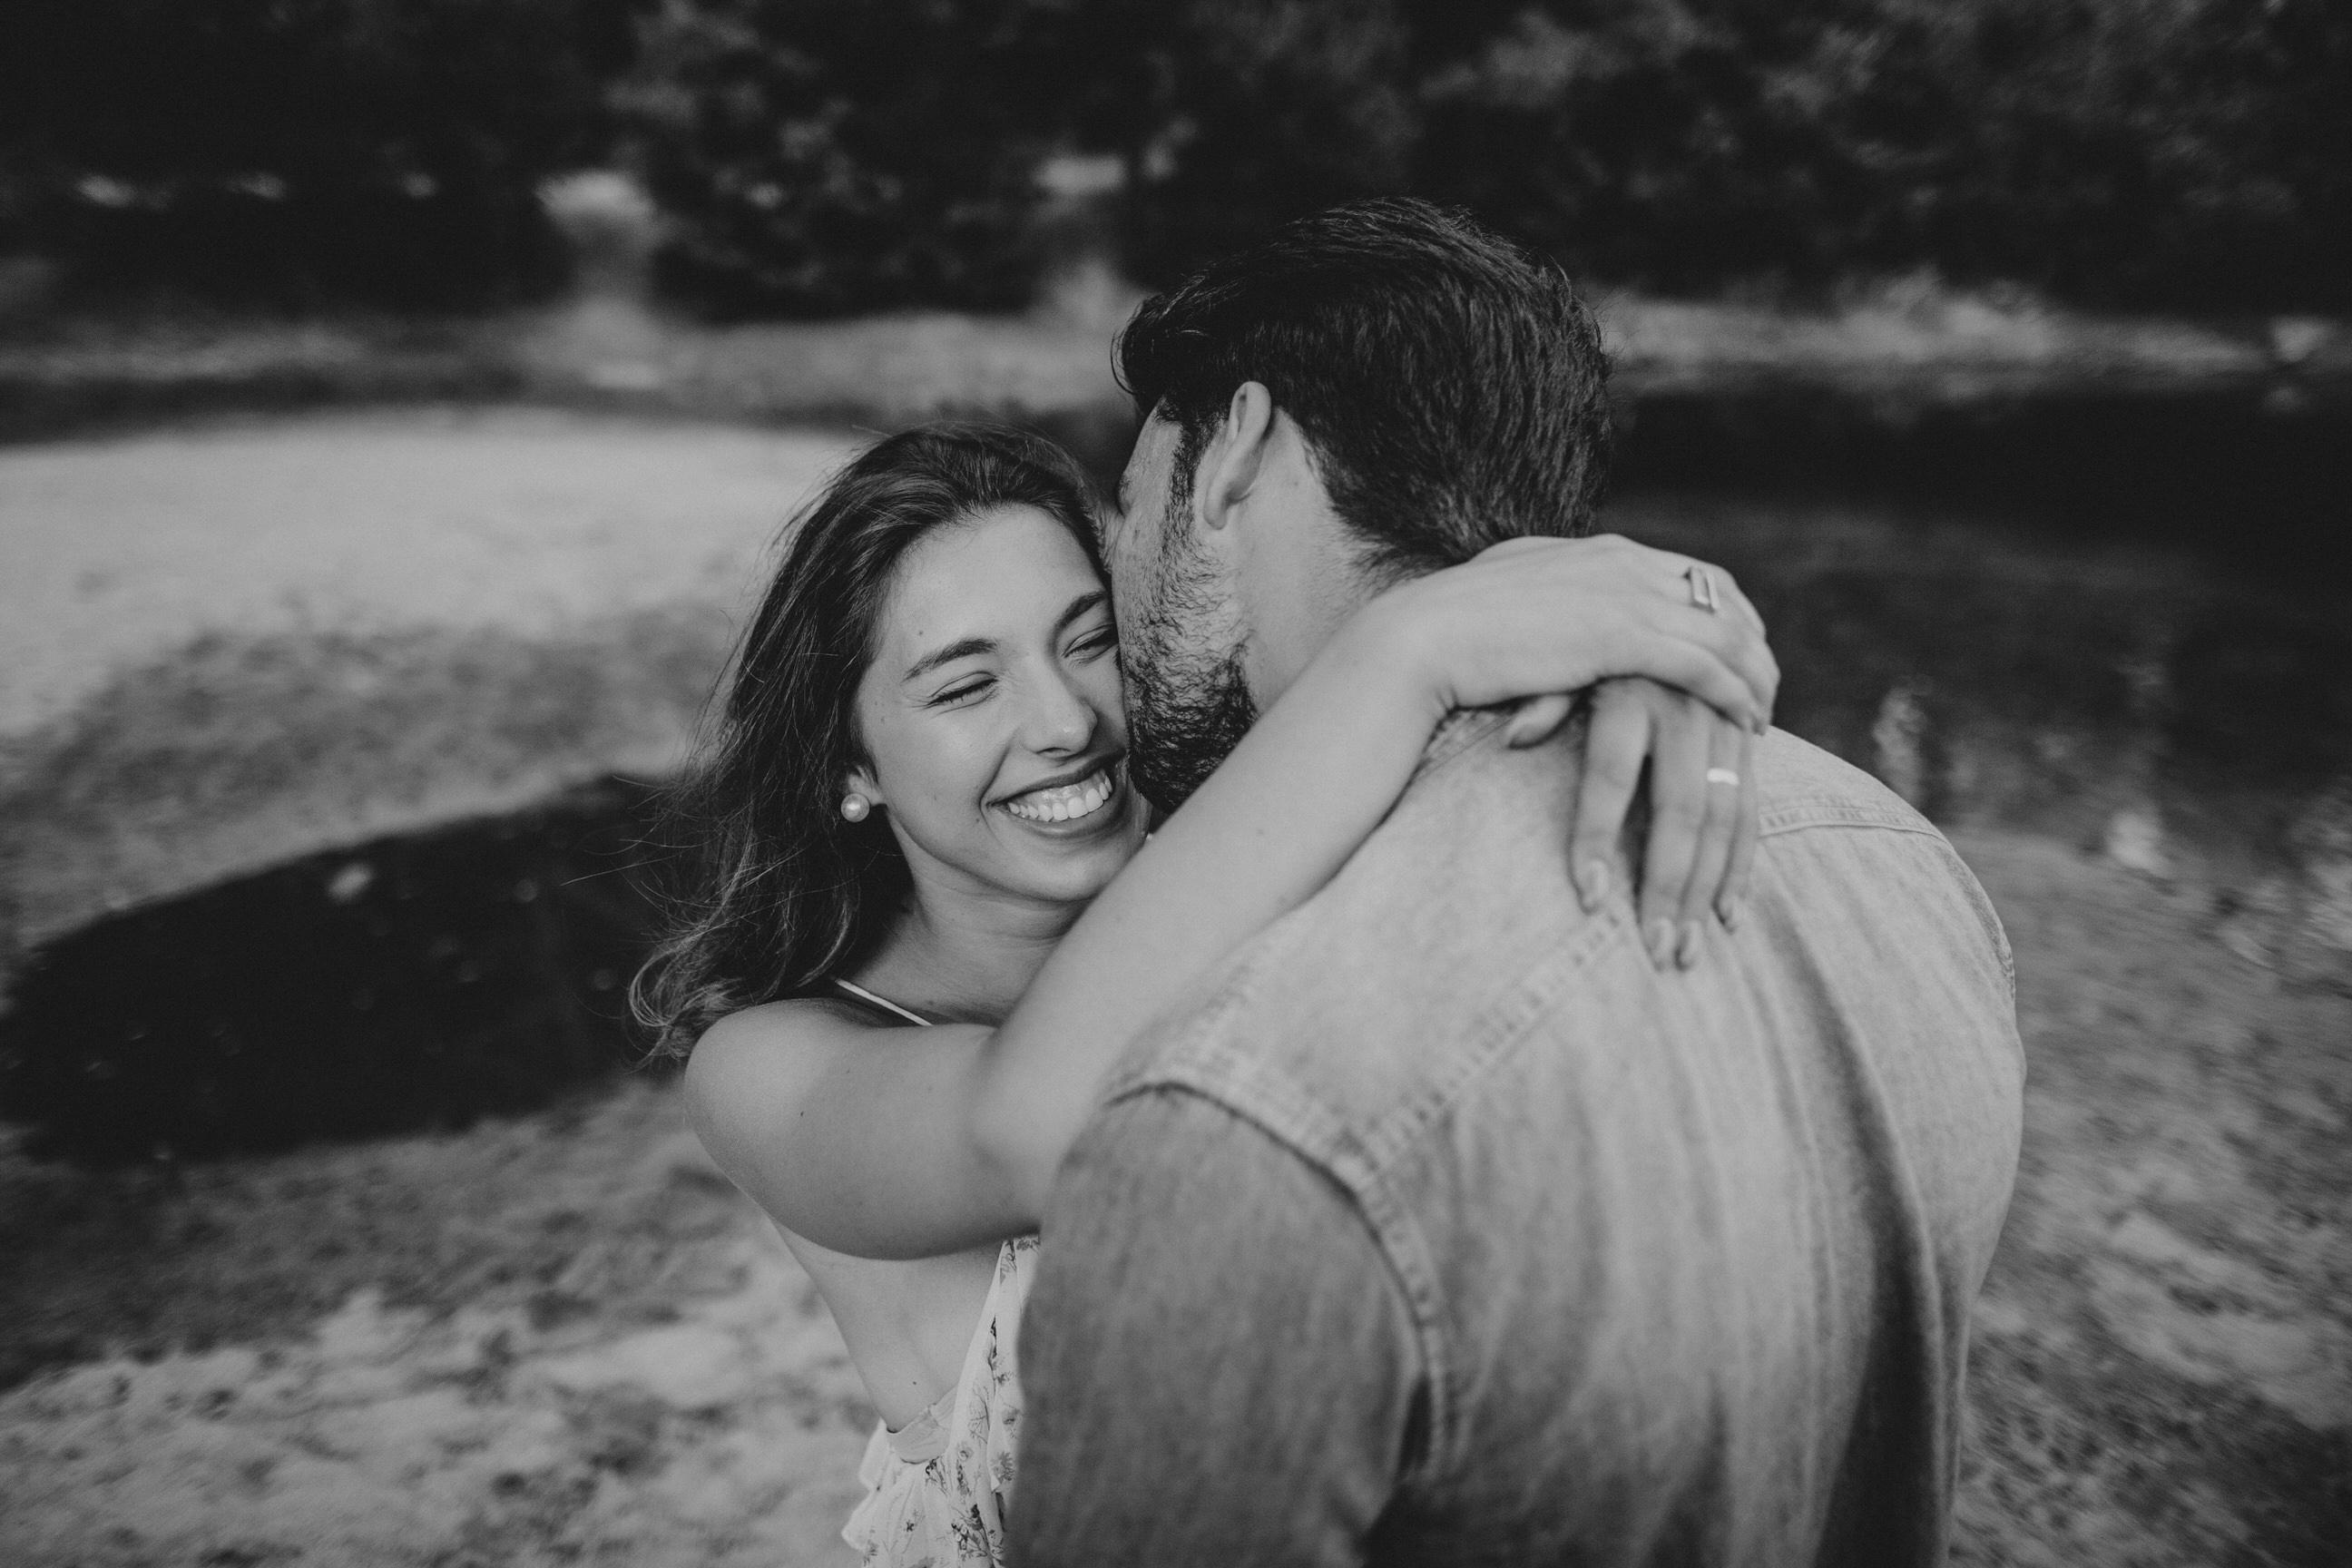 08 Cristiana&André-engagement-love-session-solteiros-noivado-foto-natural-Filipe-Santiago-Fotografia-Lisboa-Sintra-Mafra-Malveira-Torres-Vedras-Fotografos-preços